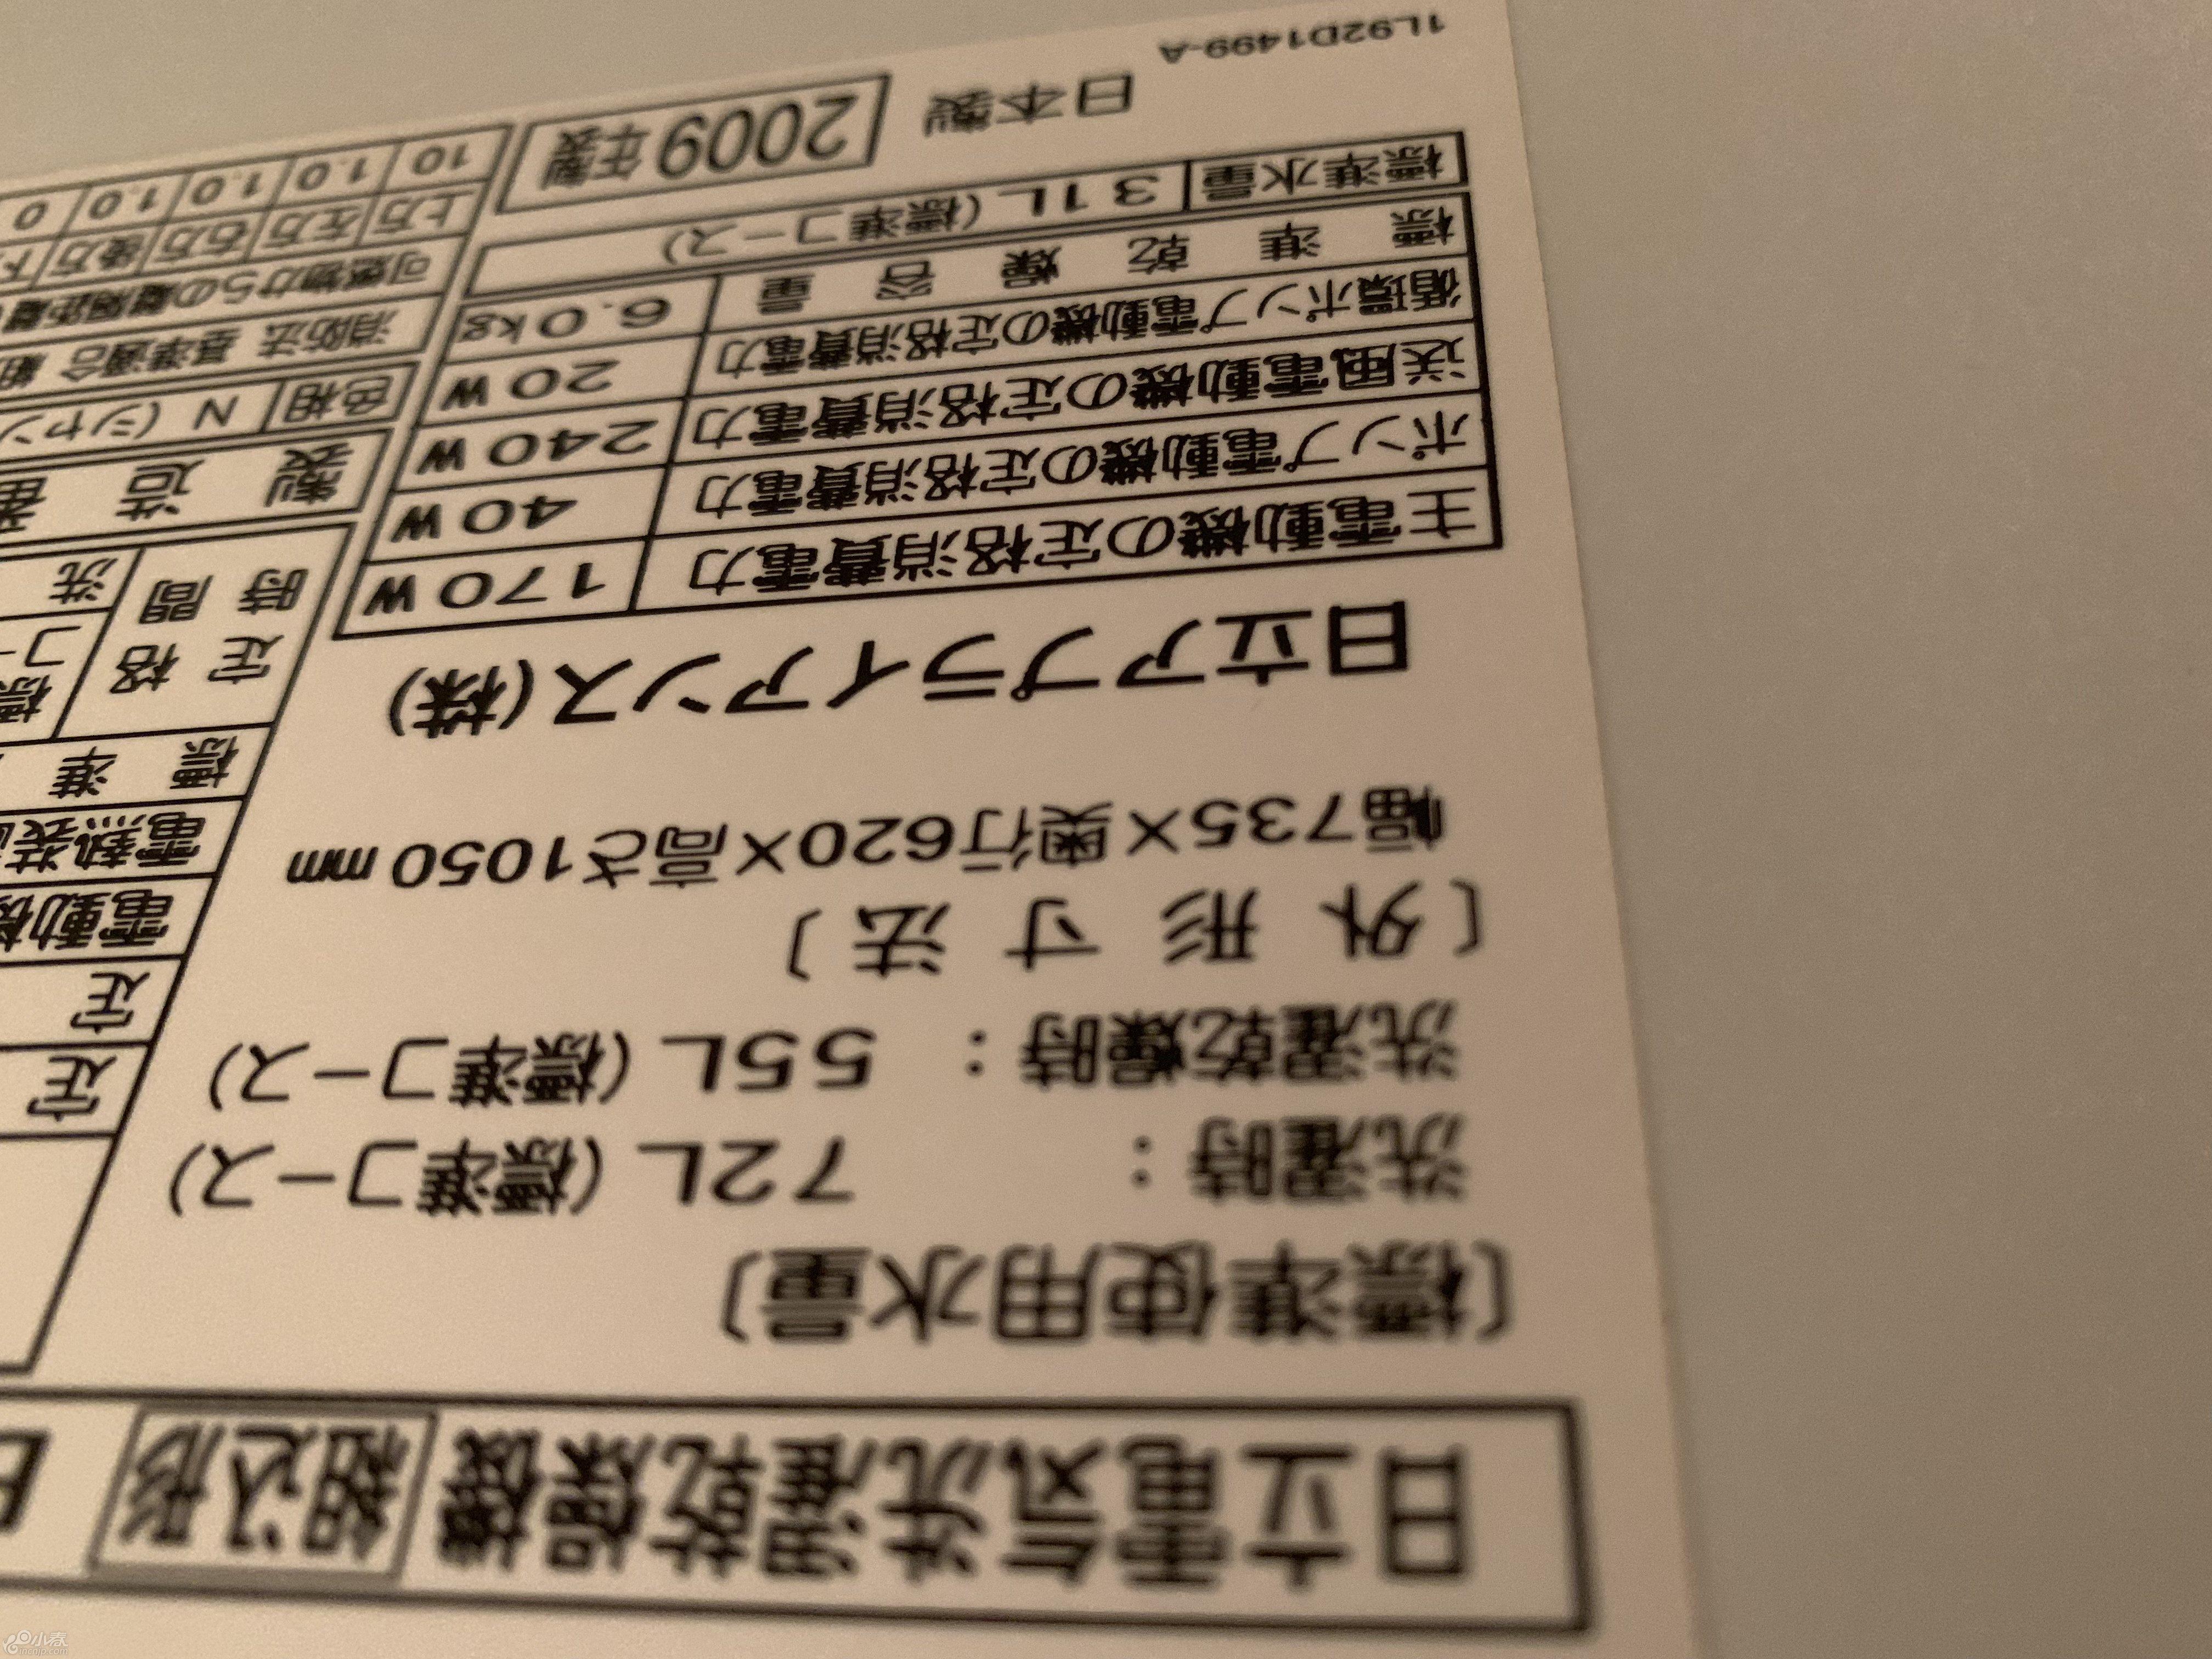 9264C76A-E4BB-454B-B2E5-EC8E303493DB.jpeg